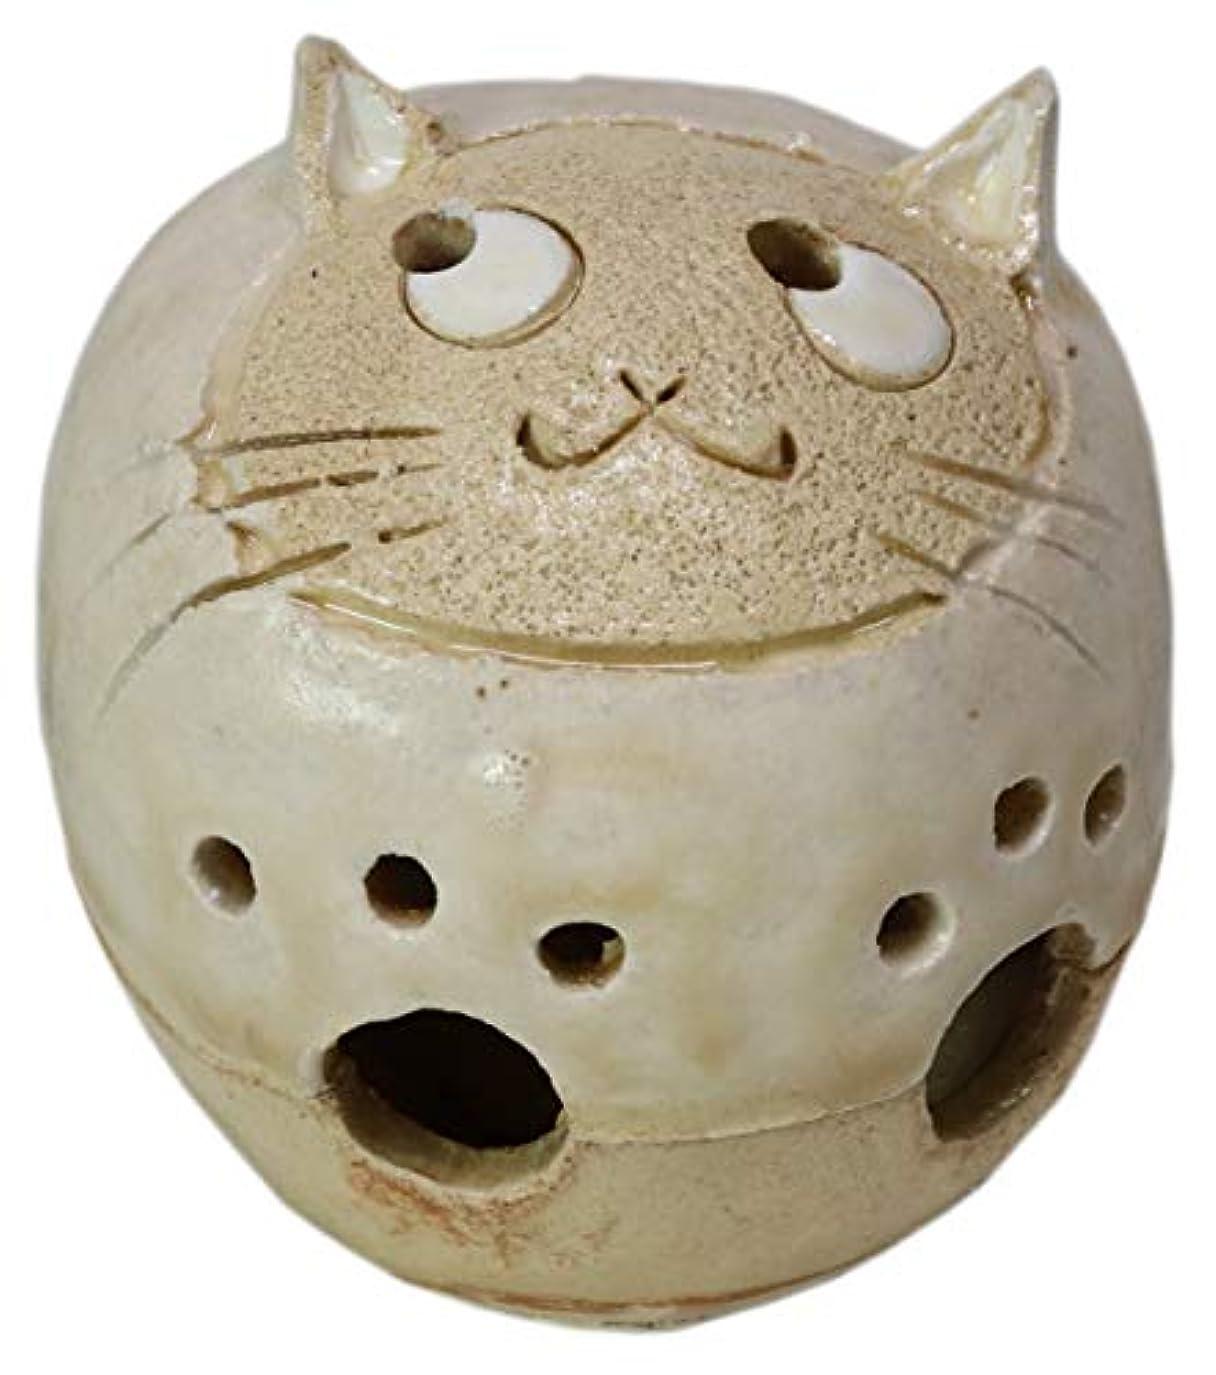 香炉 丸猫 香炉(小) [H6cm] HANDMADE プレゼント ギフト 和食器 かわいい インテリア